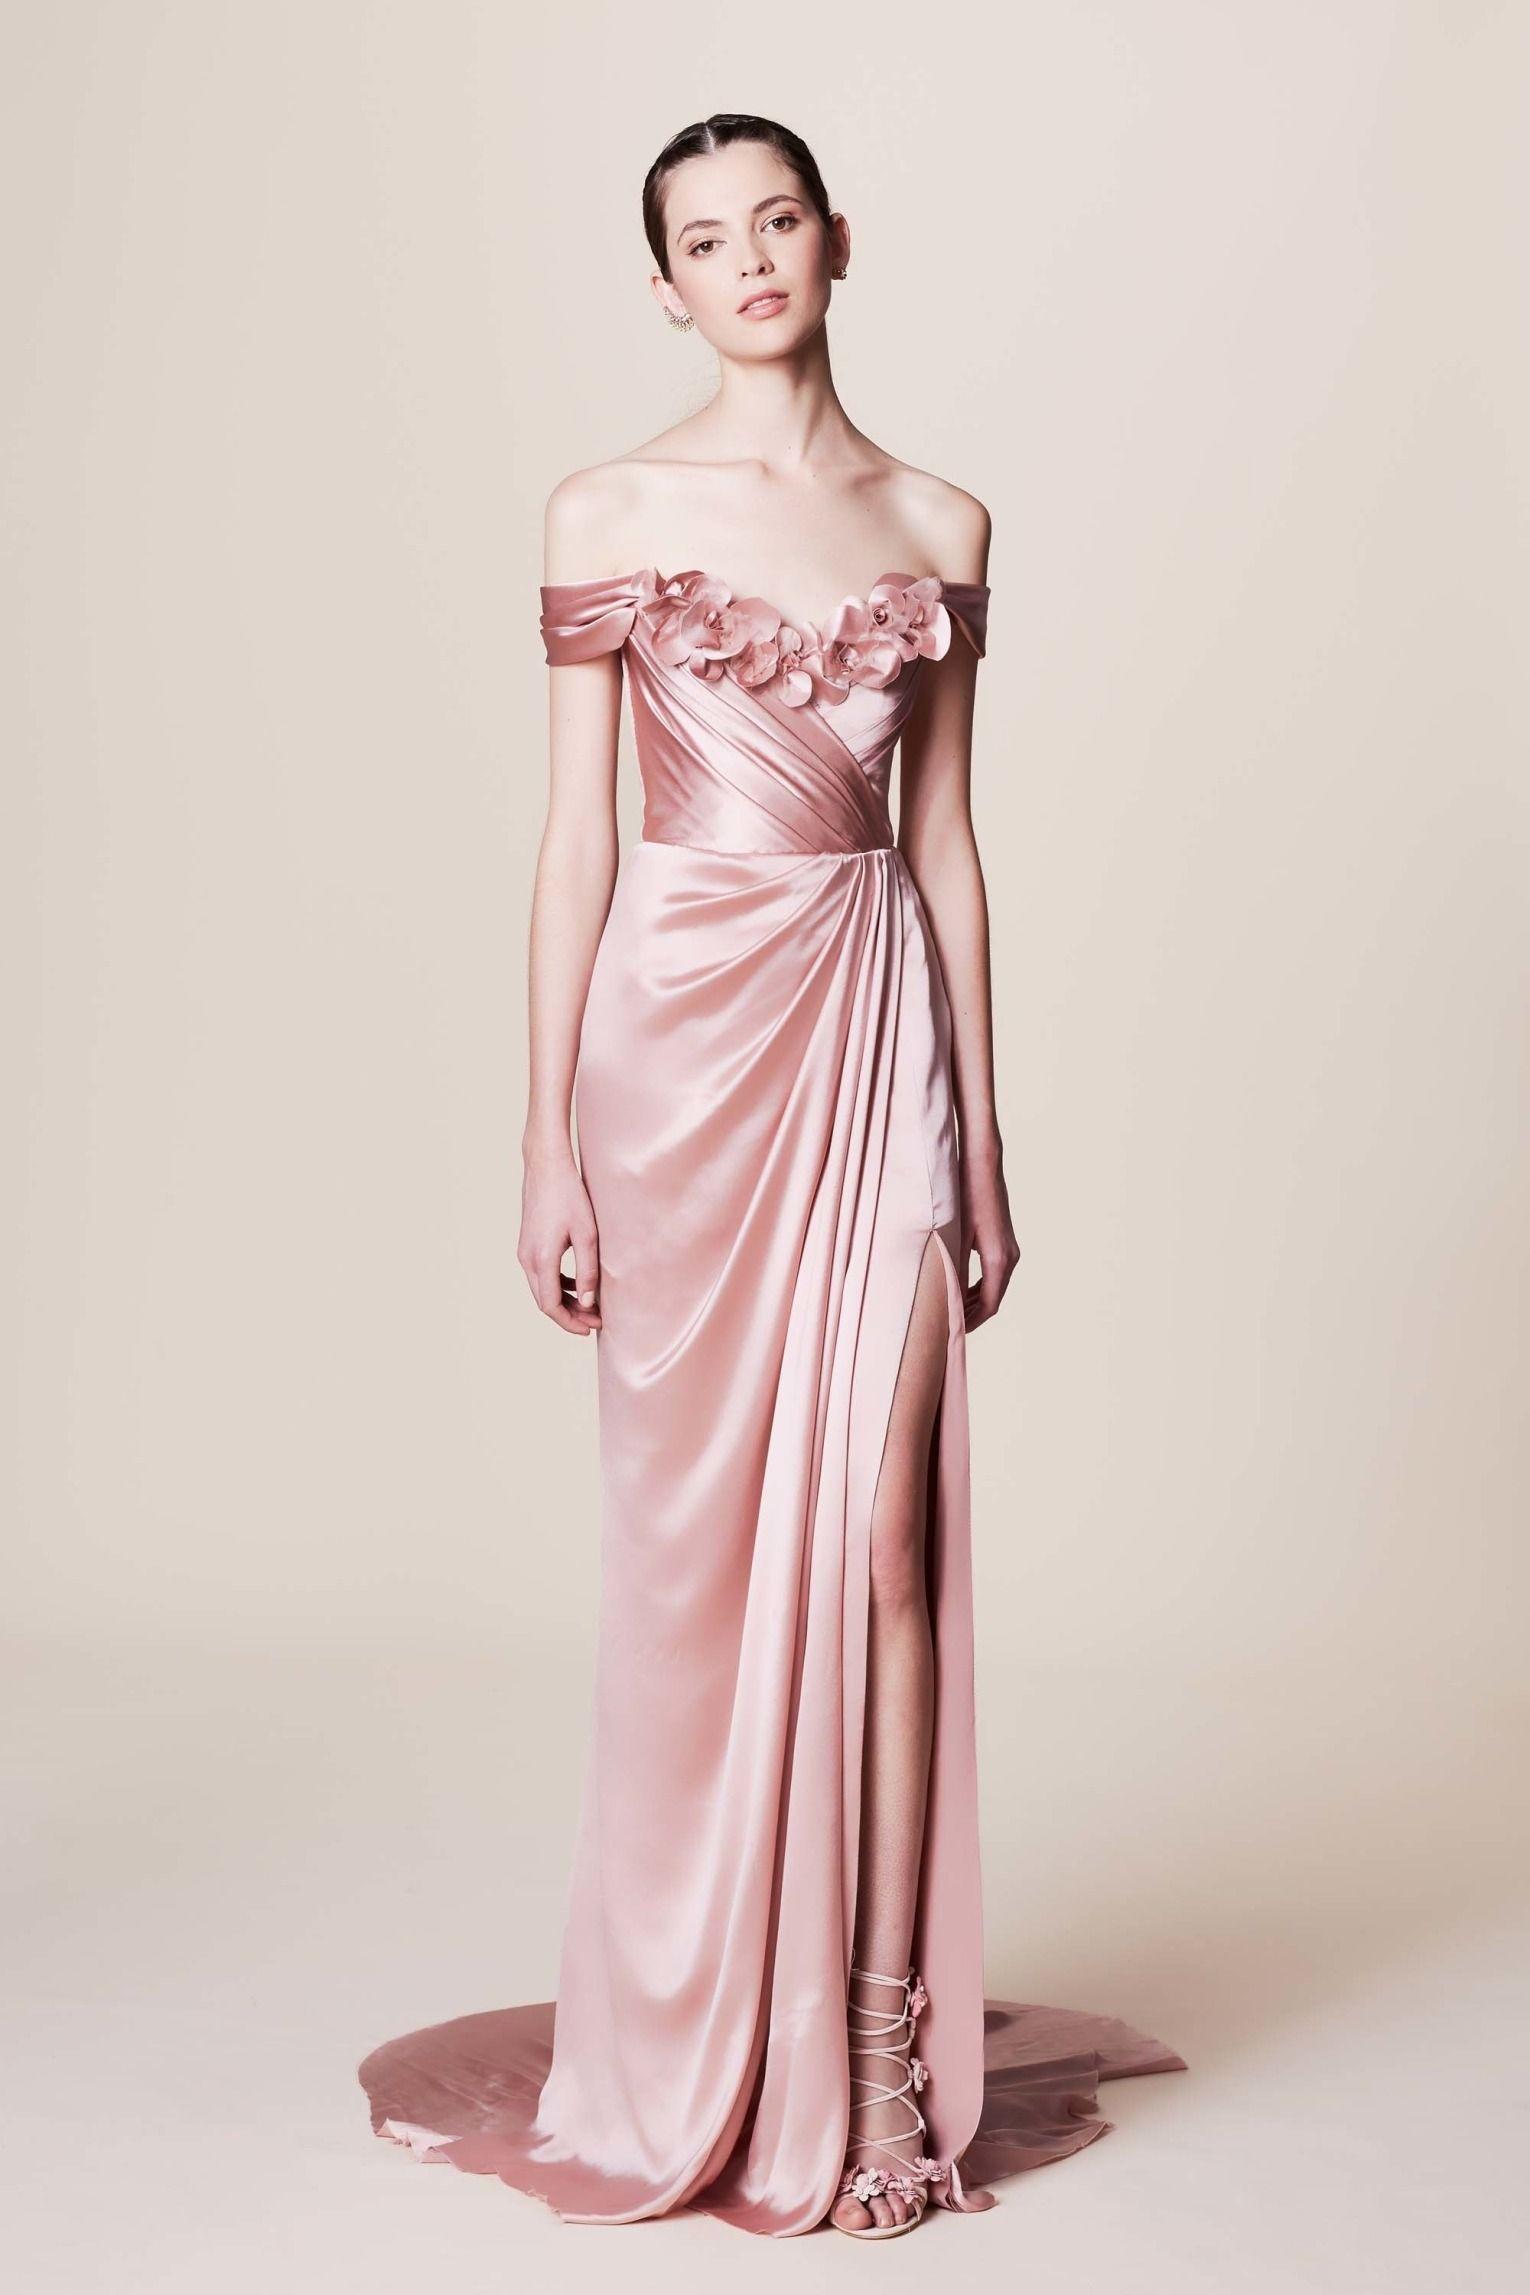 Marchesa Resort 2017 Fashion Show | Vestiditos, Vestidos de noche y ...